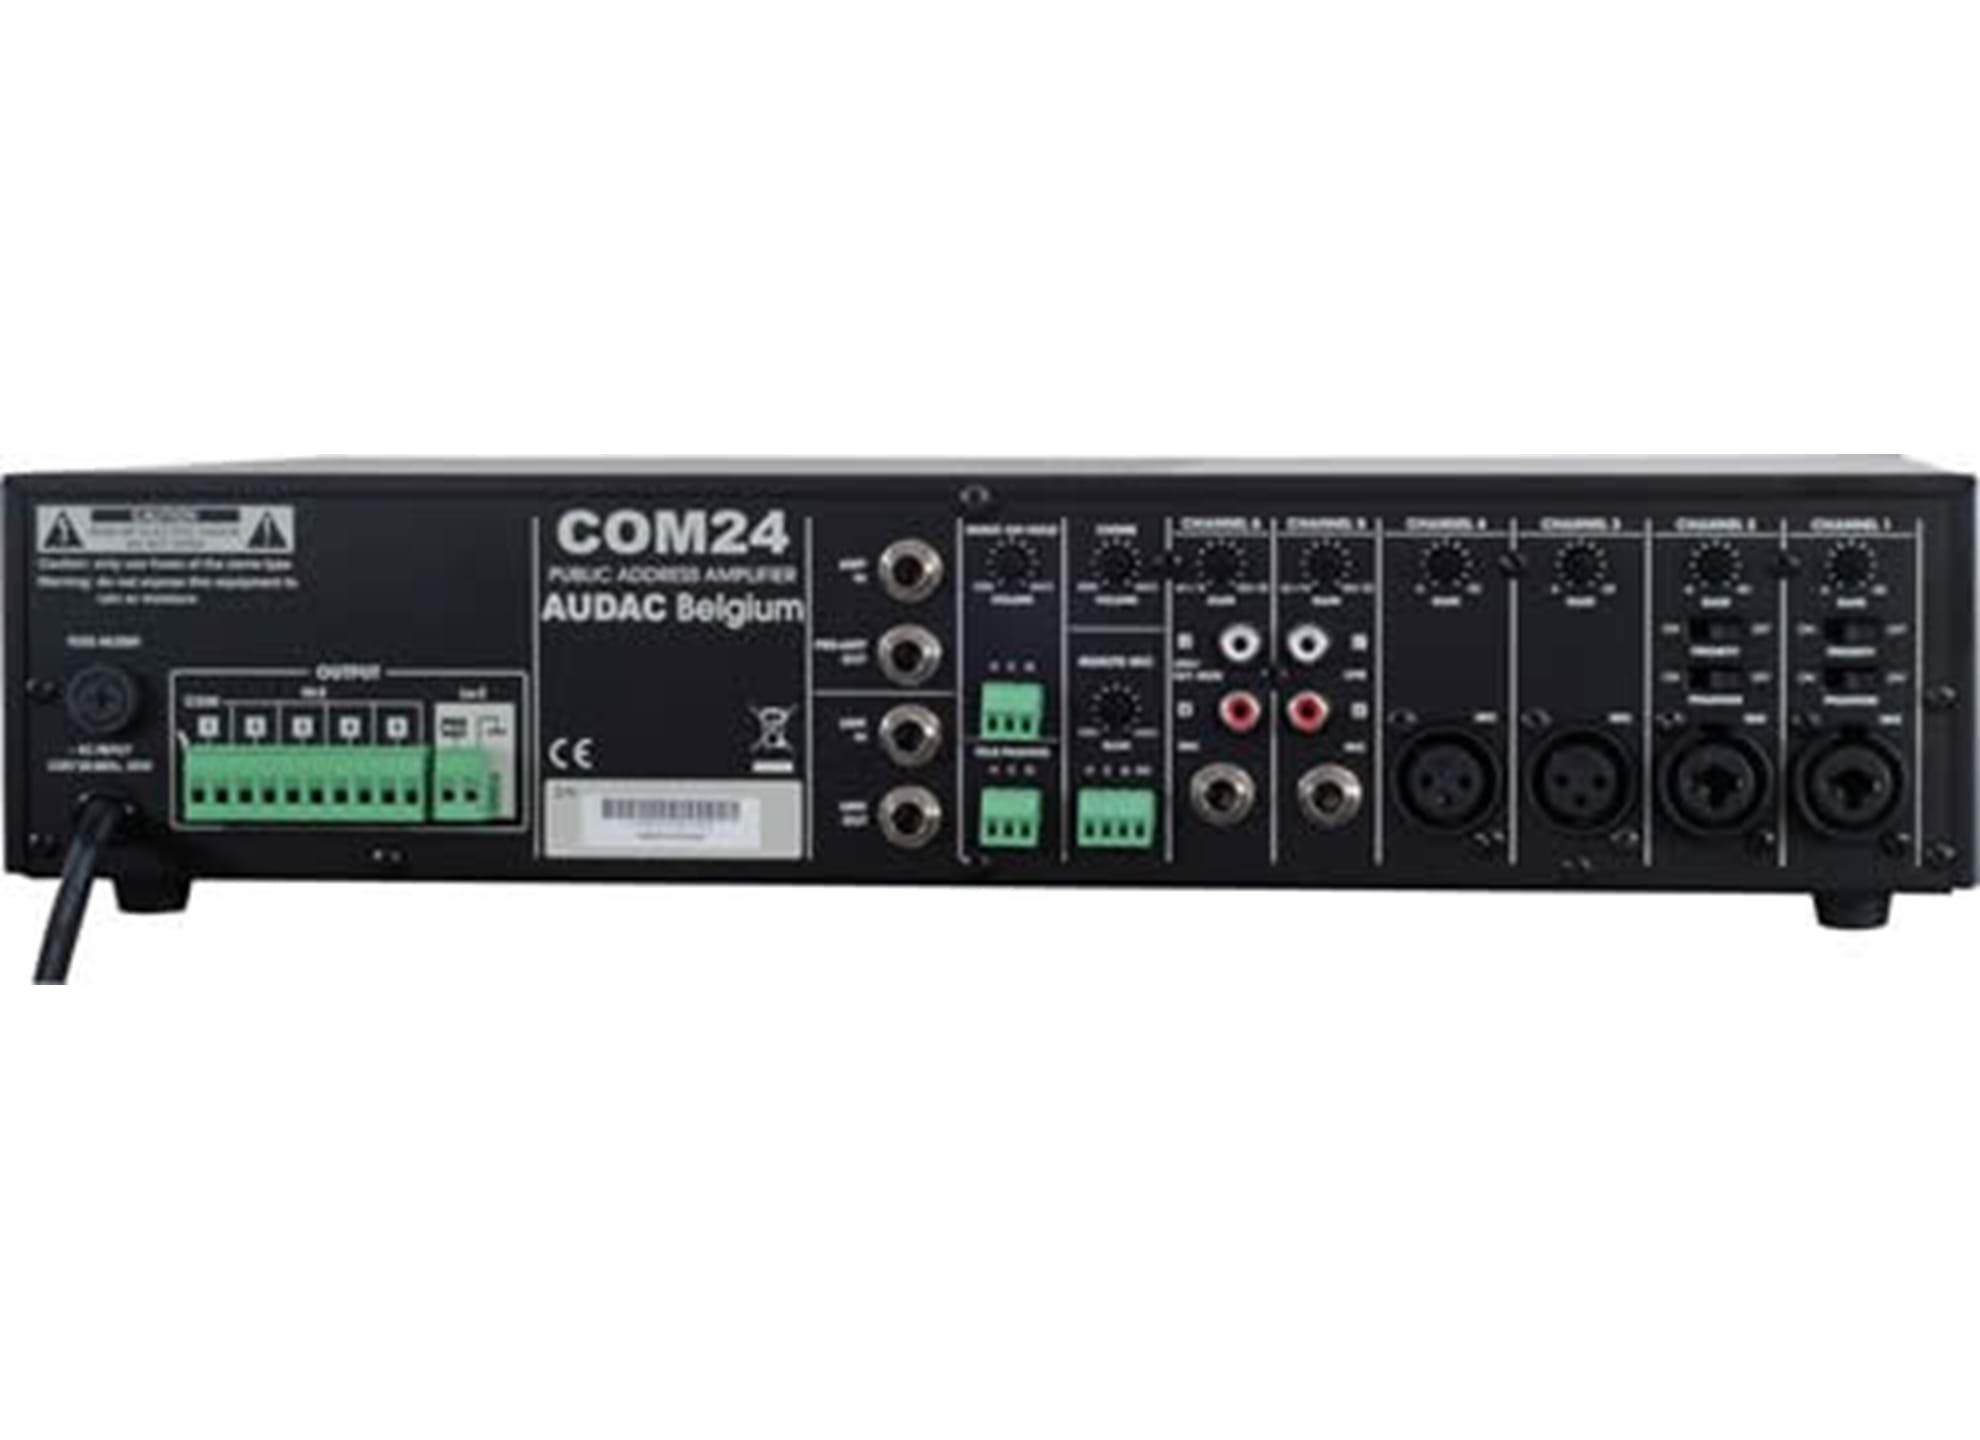 COM-24